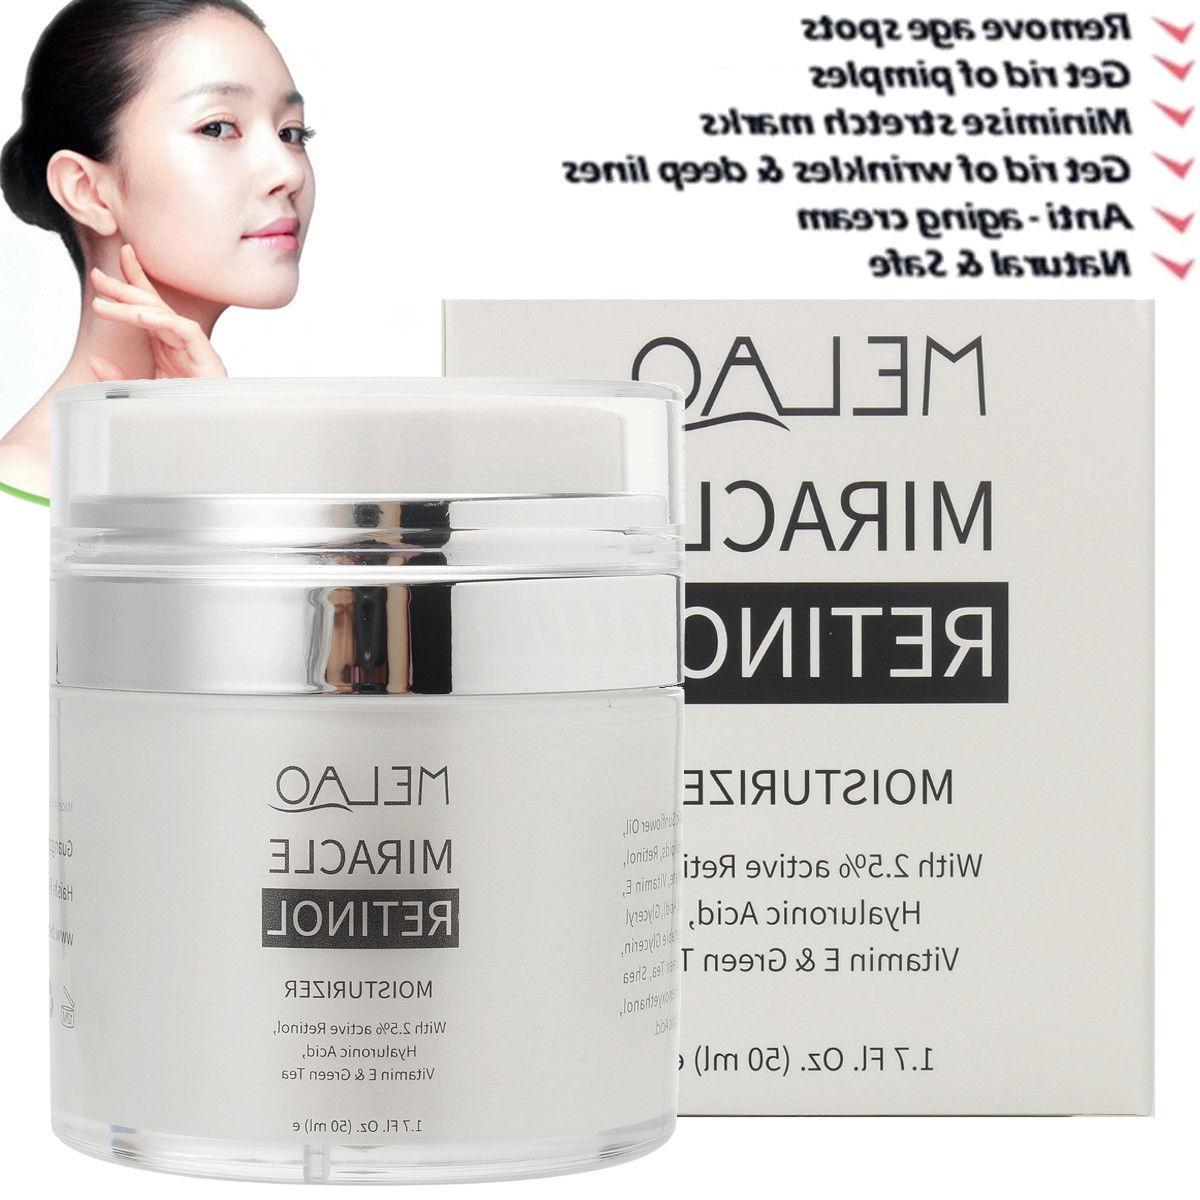 Retinol Face Serum Anti Wrinkles Vitamin E